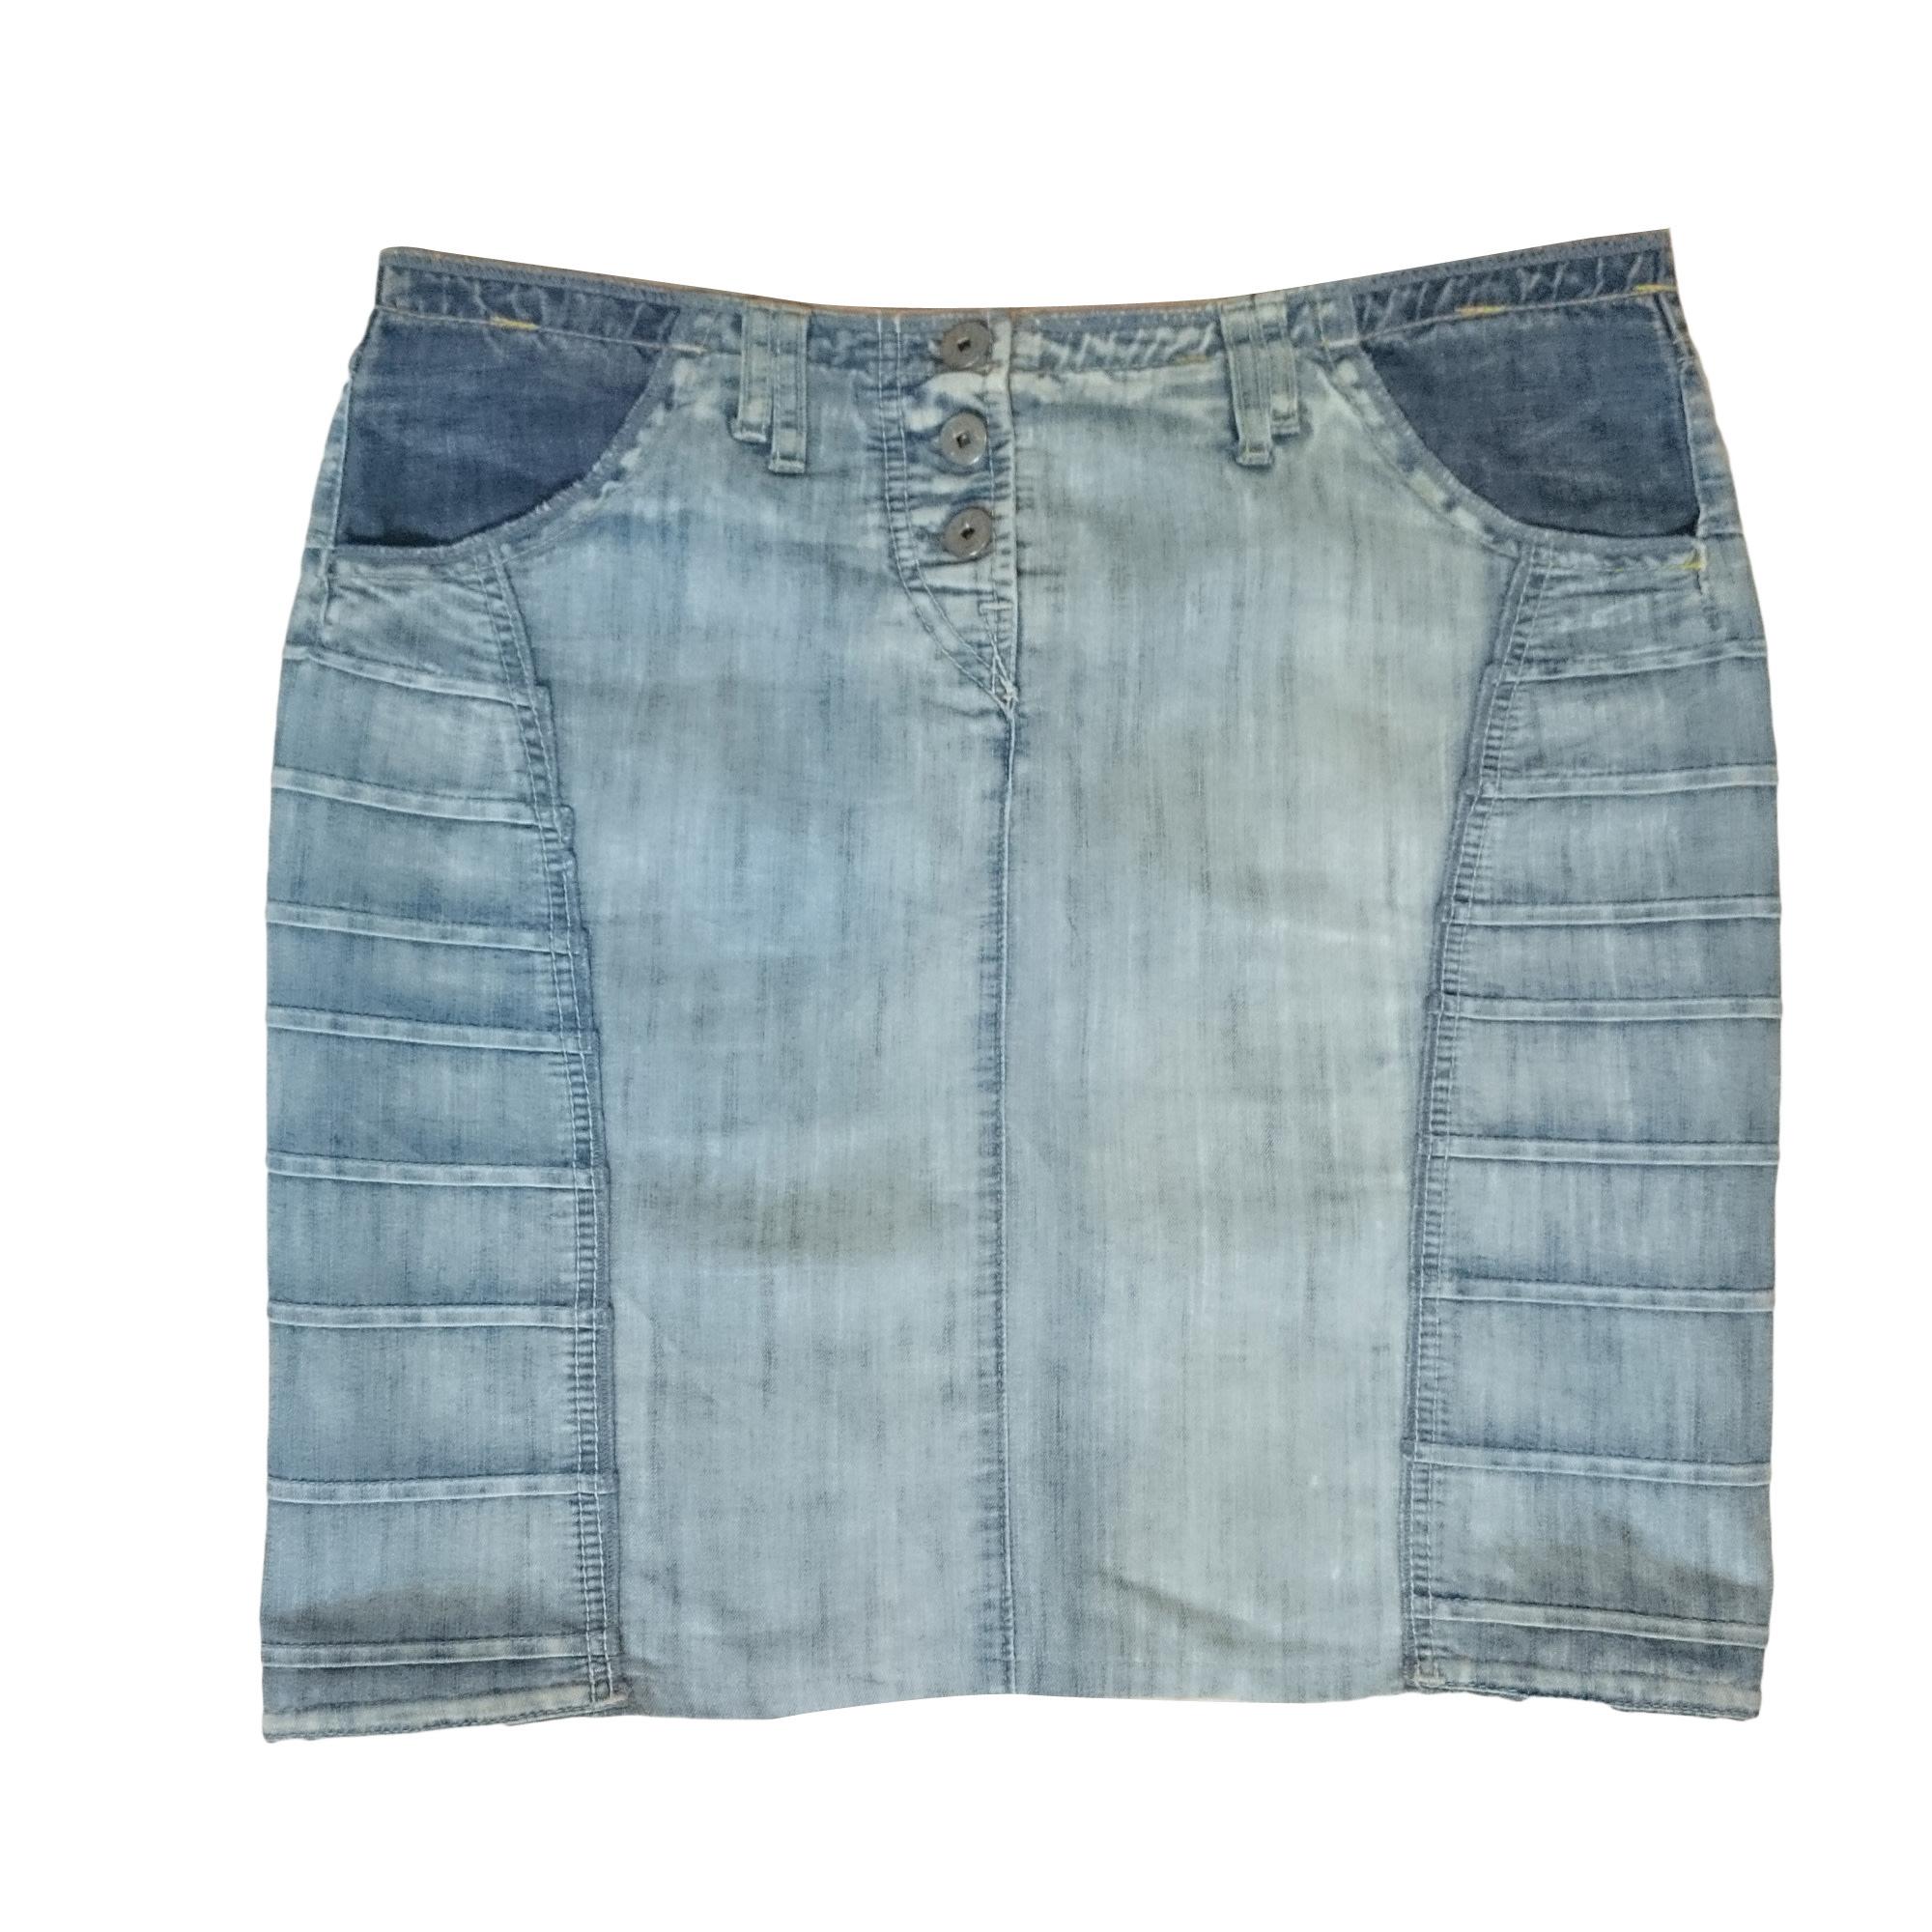 ec7a7127 Mini Skirt MARITHÉ ET FRANÇOIS GIRBAUD 42 (L/XL, T4) blue - 7644551